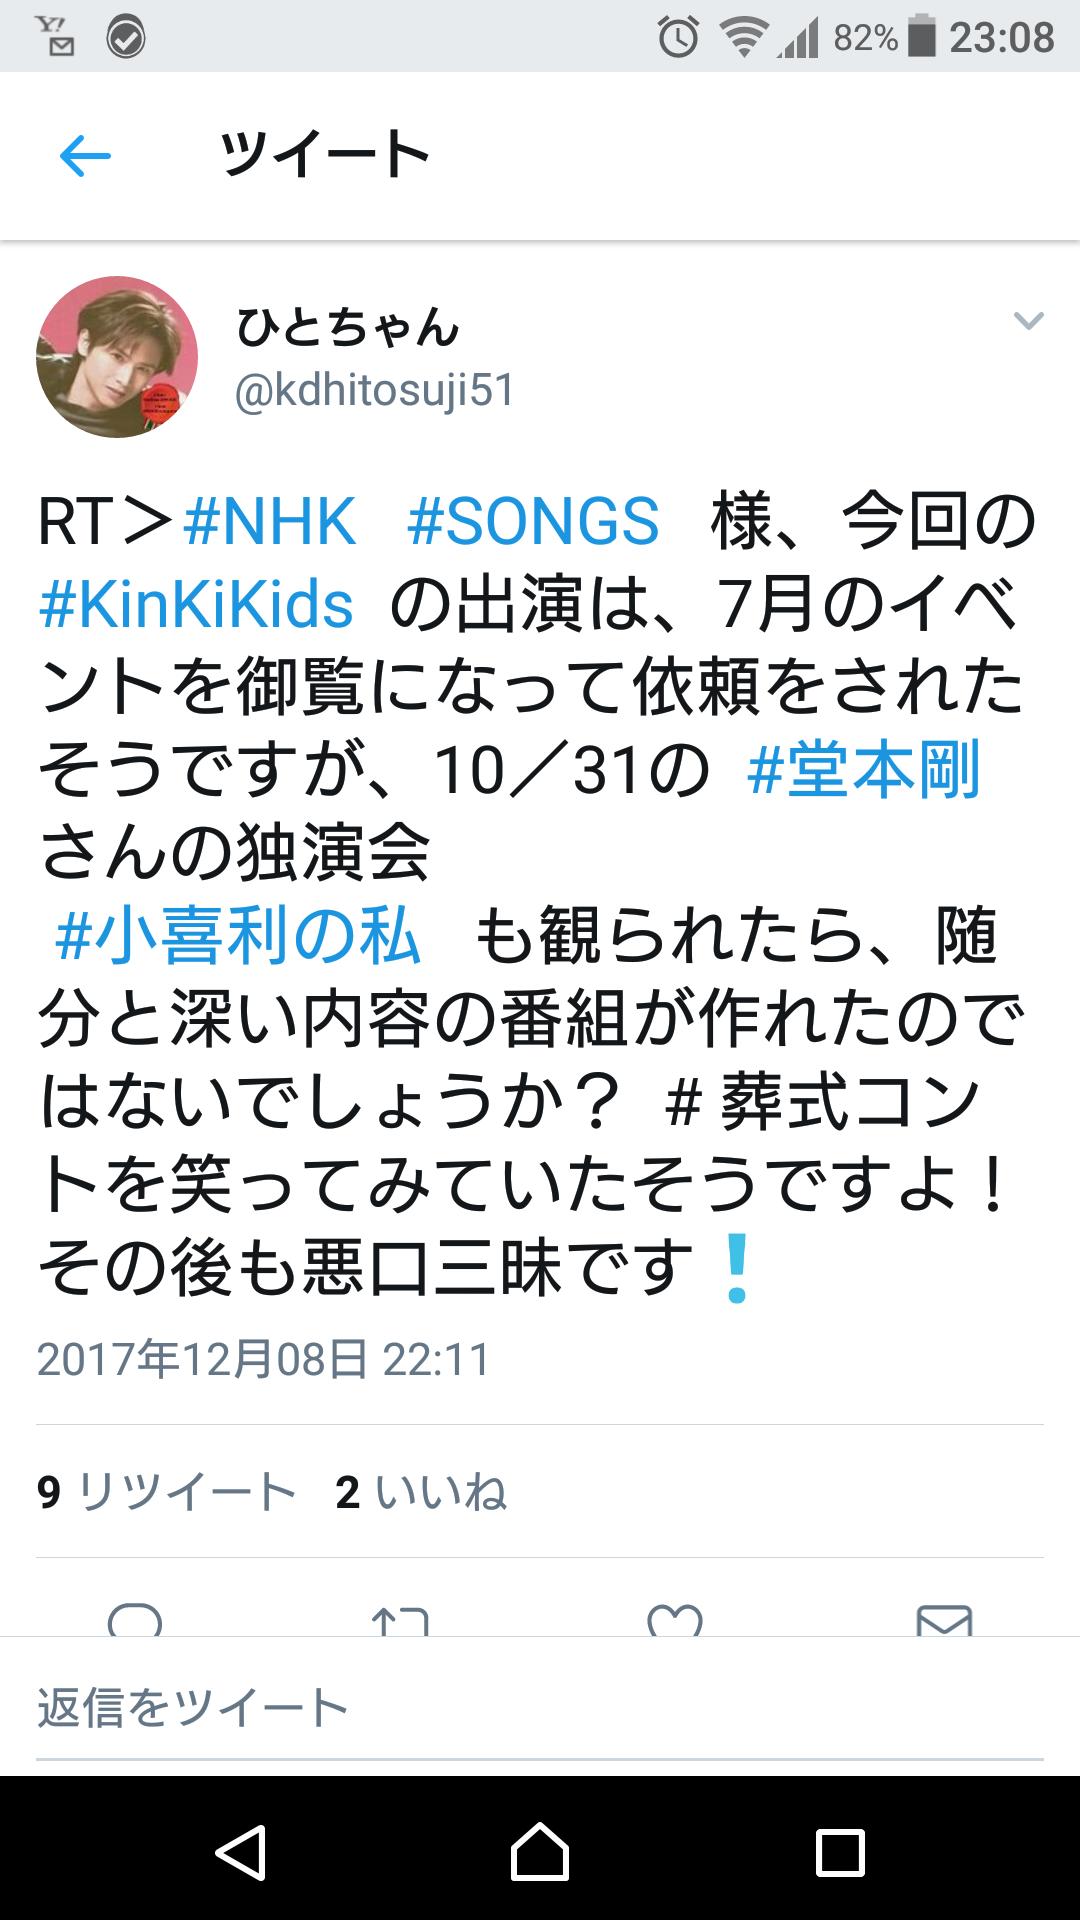 ペンライト&うちわ使用禁止!? KinKi Kidsコンサートの